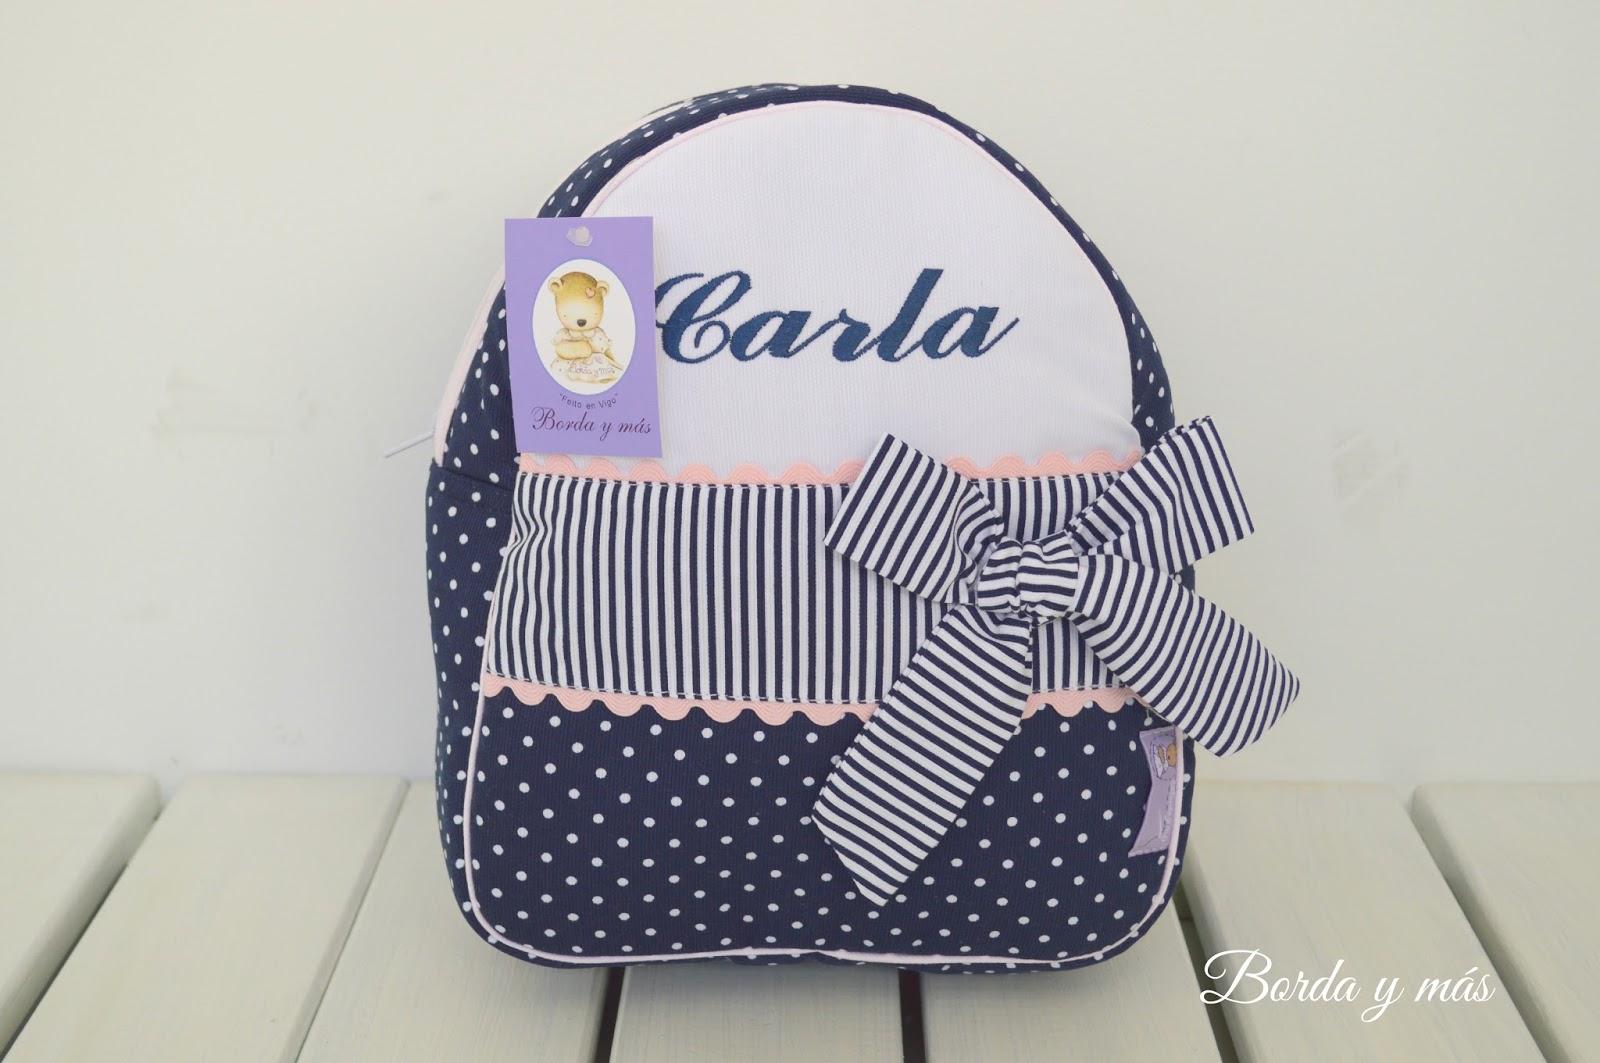 919ba2dde Bordaymás Complementos Infantiles | Sacos personalizados,bolsos de ...